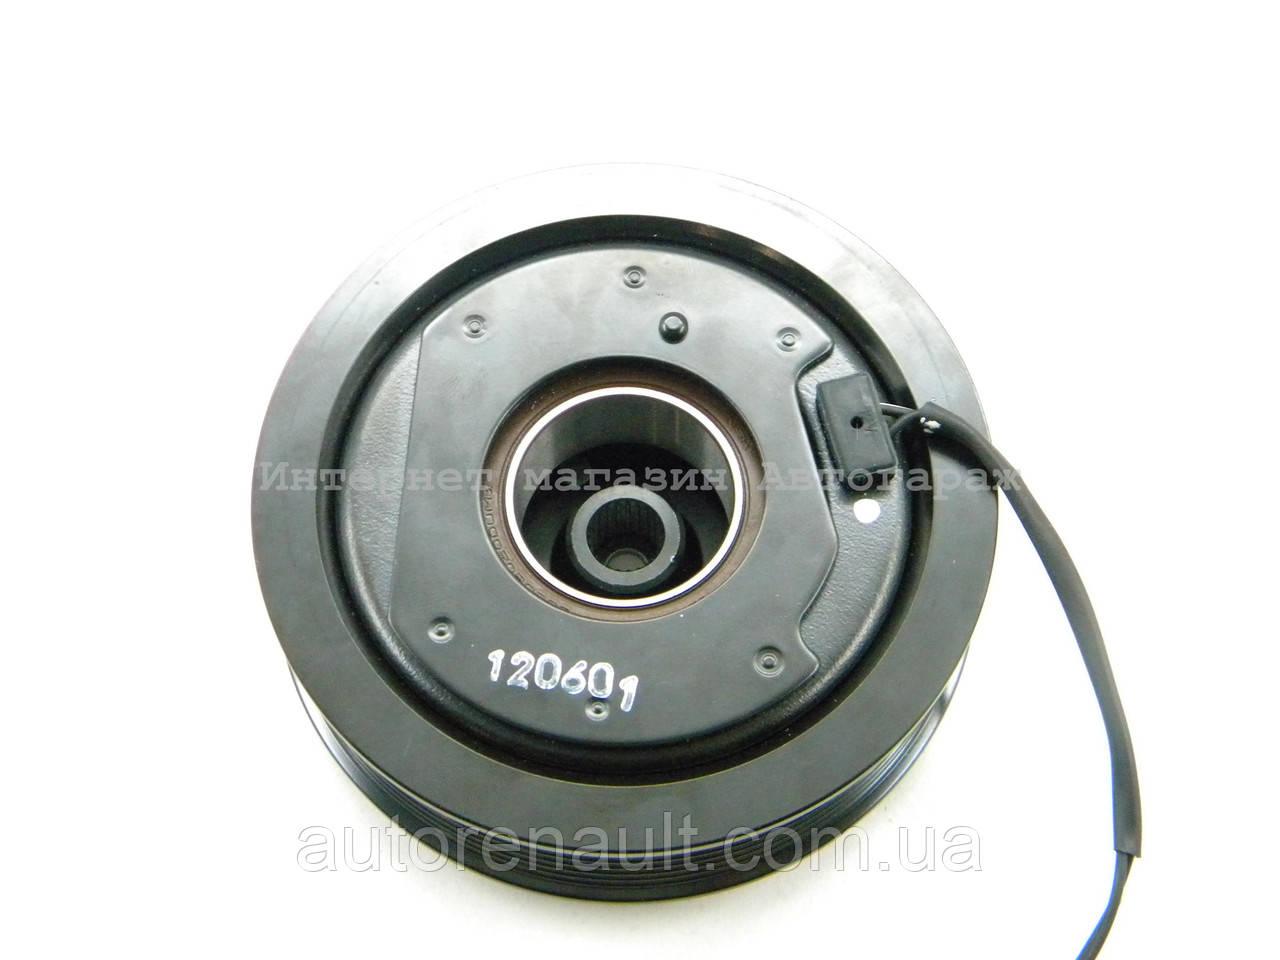 электромагнитная муфта компрессора кондиционера на renault логан